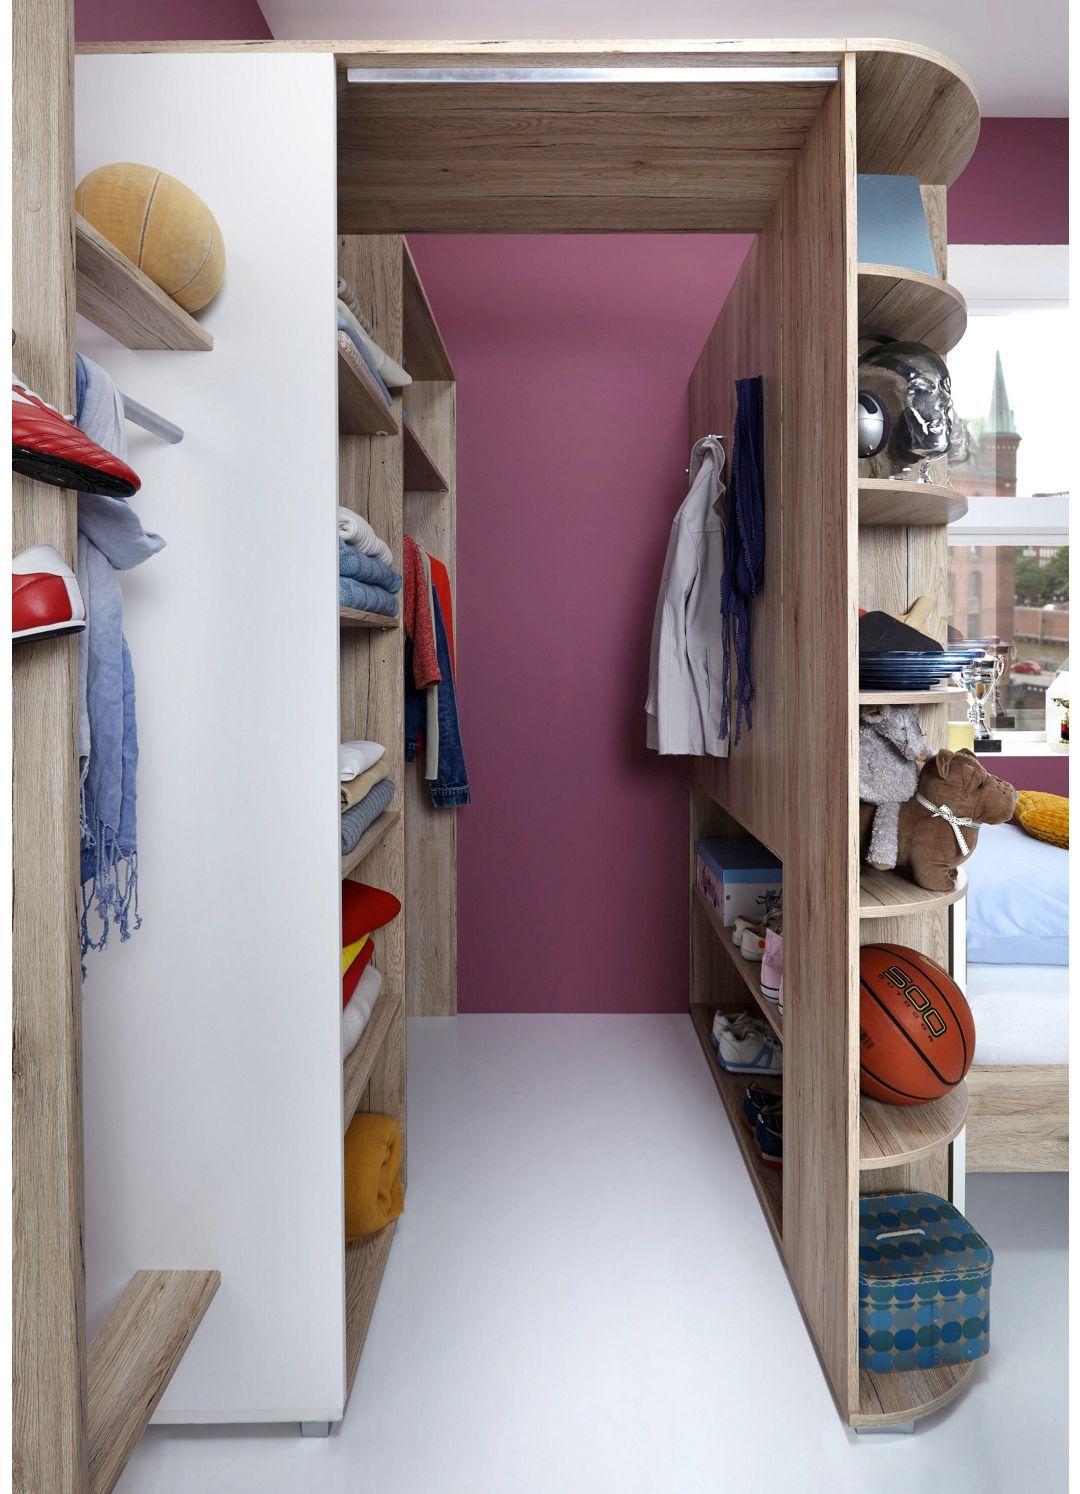 Begehbarer Eckschrank Eichefarben Alufarben Modern Begehbarer Kleiderschrank Kinderzimmer Begehbarer Kleiderschrank Begehbarer Kleiderschrank Jugendzimmer